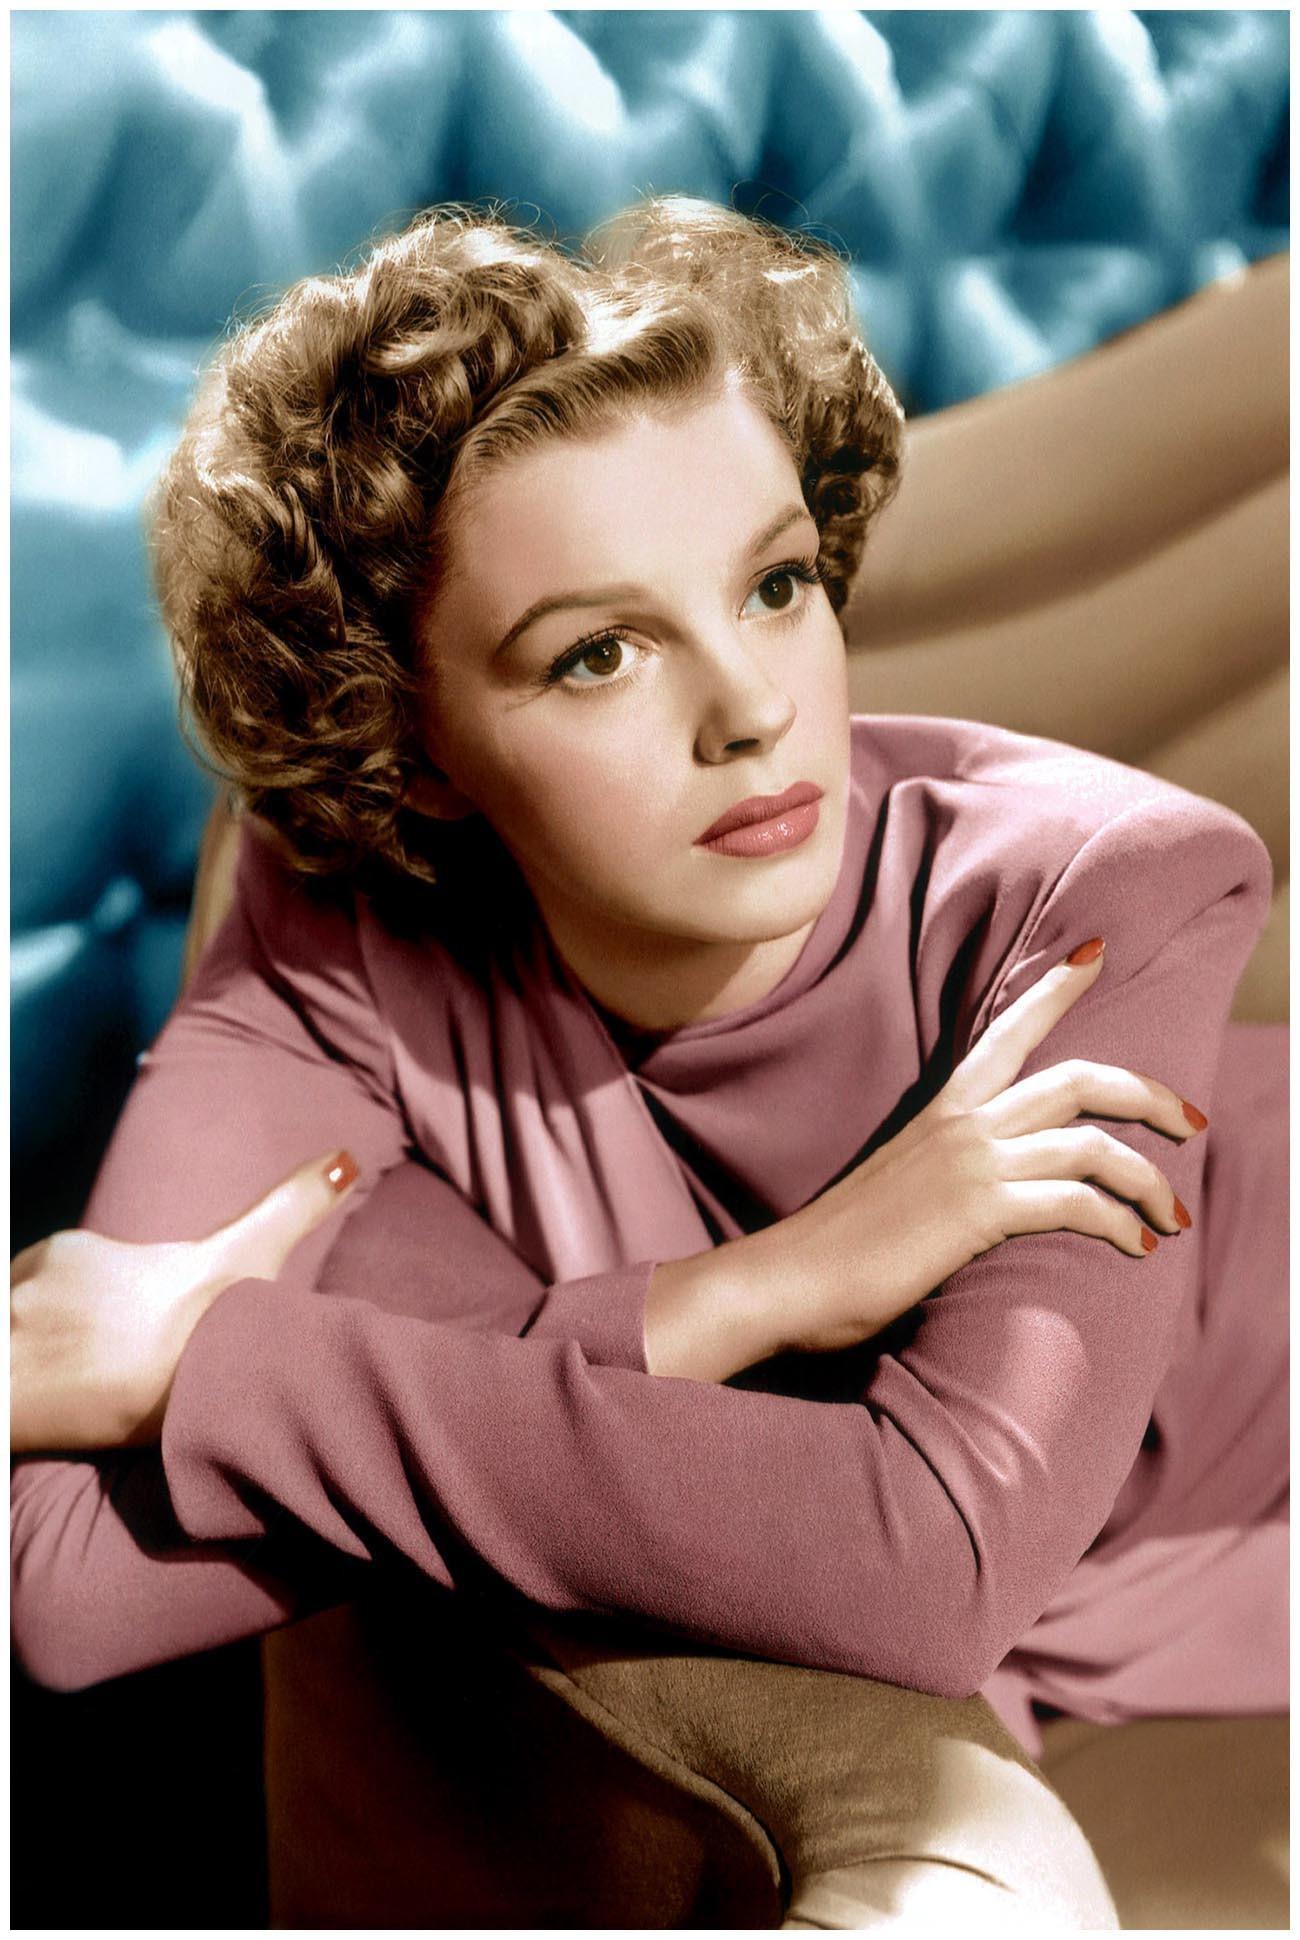 Judy Garland HD Wallpapers 7wallpapersnet 1300x1940